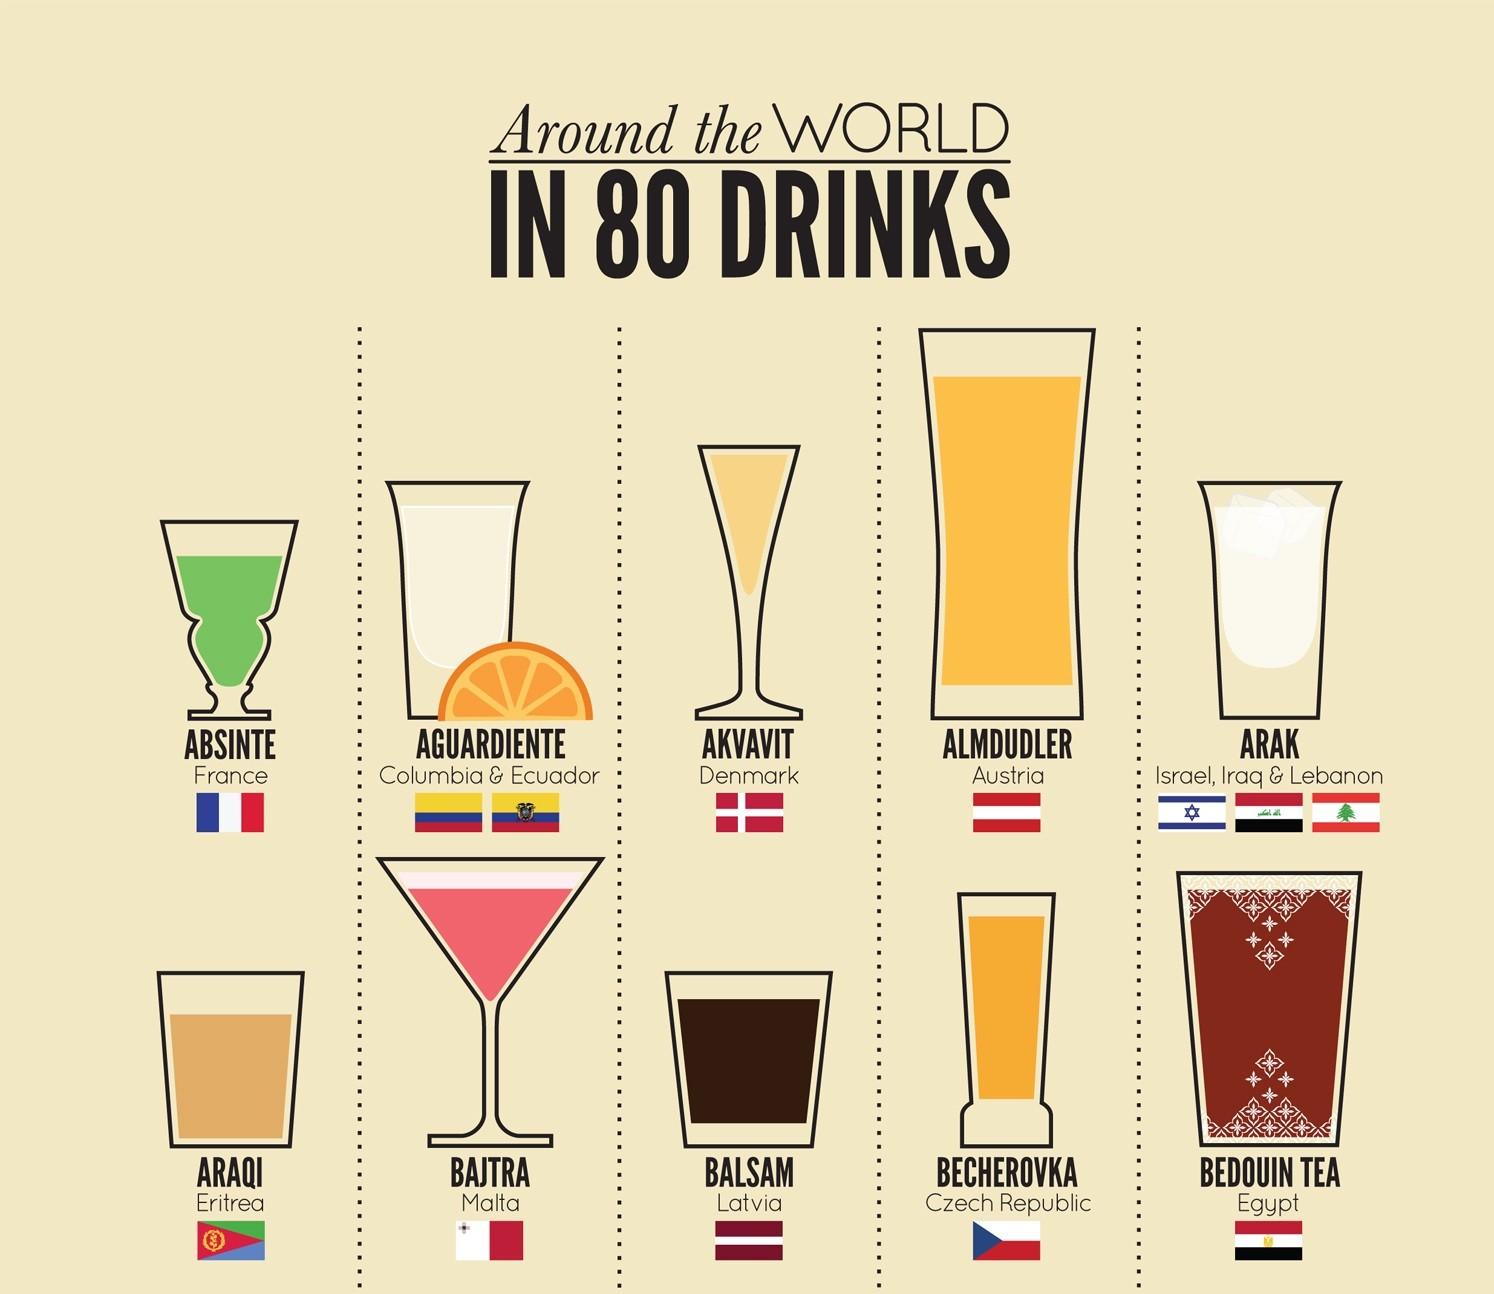 around 80 drinks